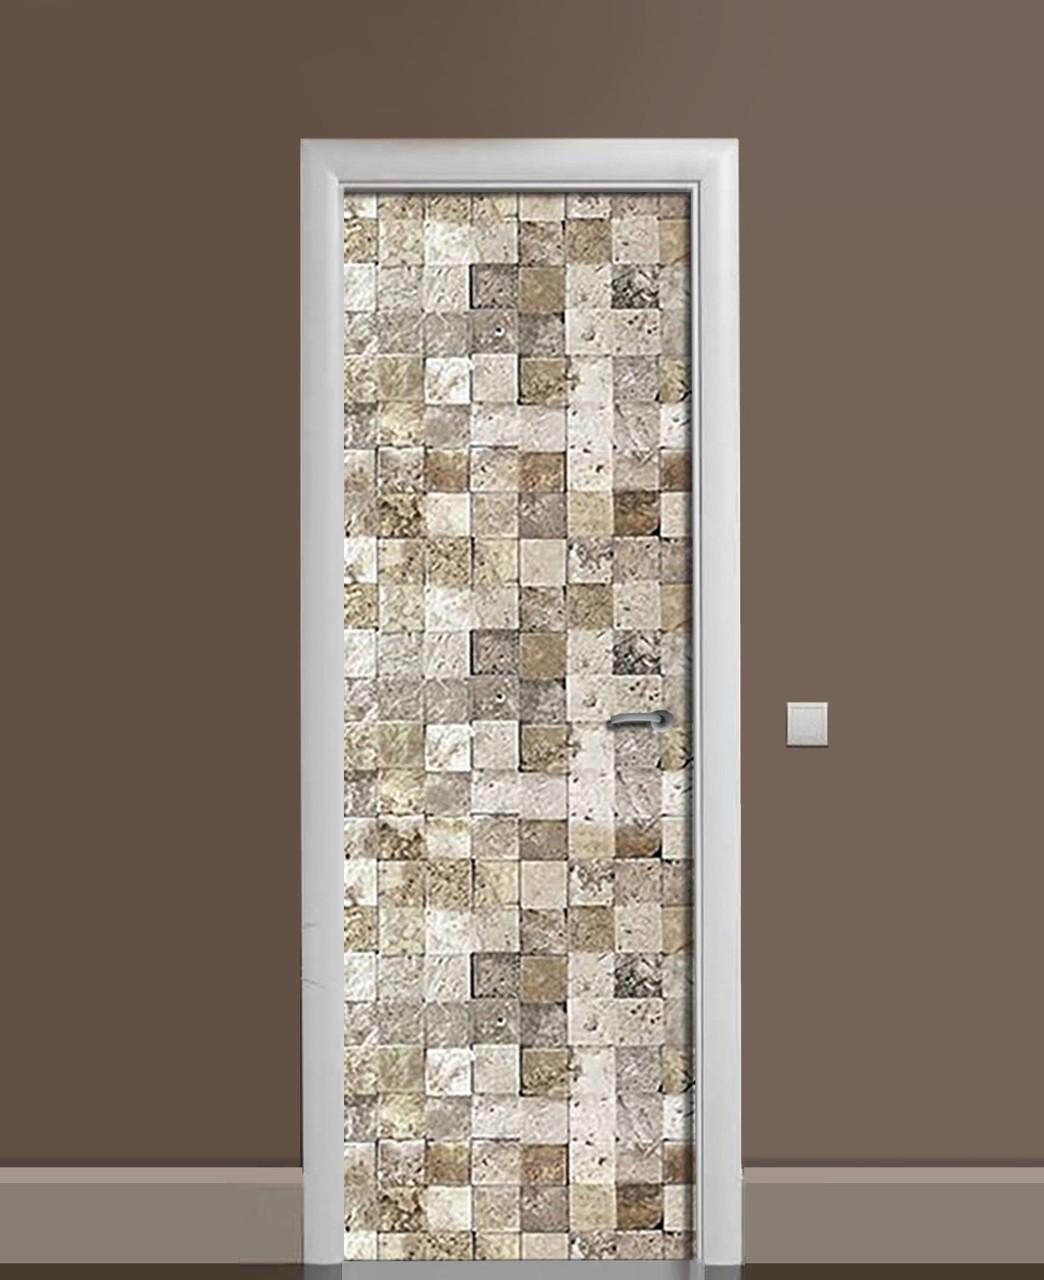 Декор двері Наклейка вінілова Графітові стрижні Камінь квадрат ПВХ плівка 65*200см Геометрія Бежевий